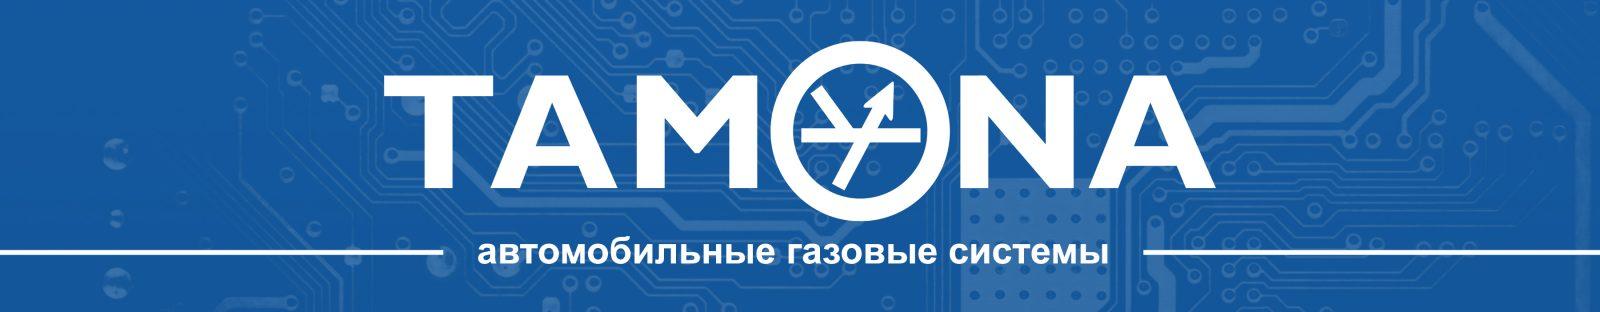 Газобаллонное оборудование для России